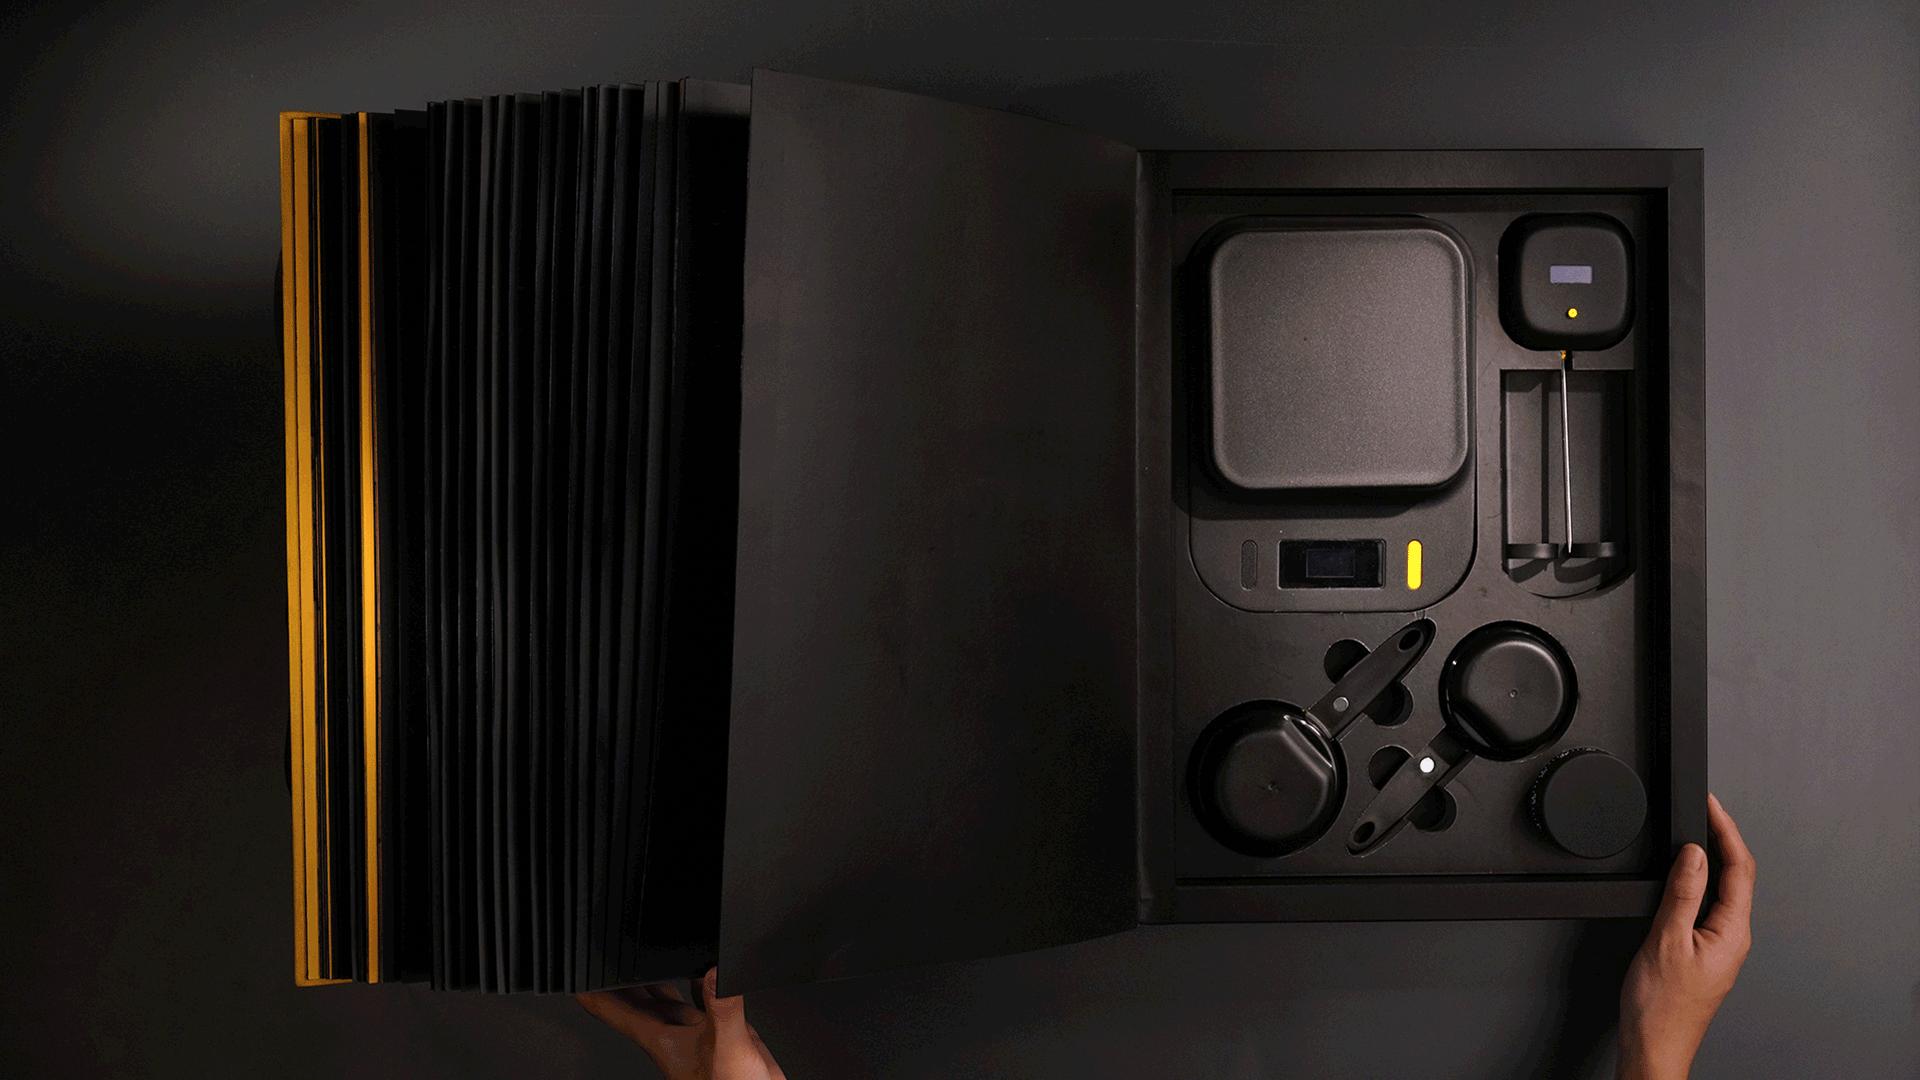 Os aparelhos armazenados no final do livro